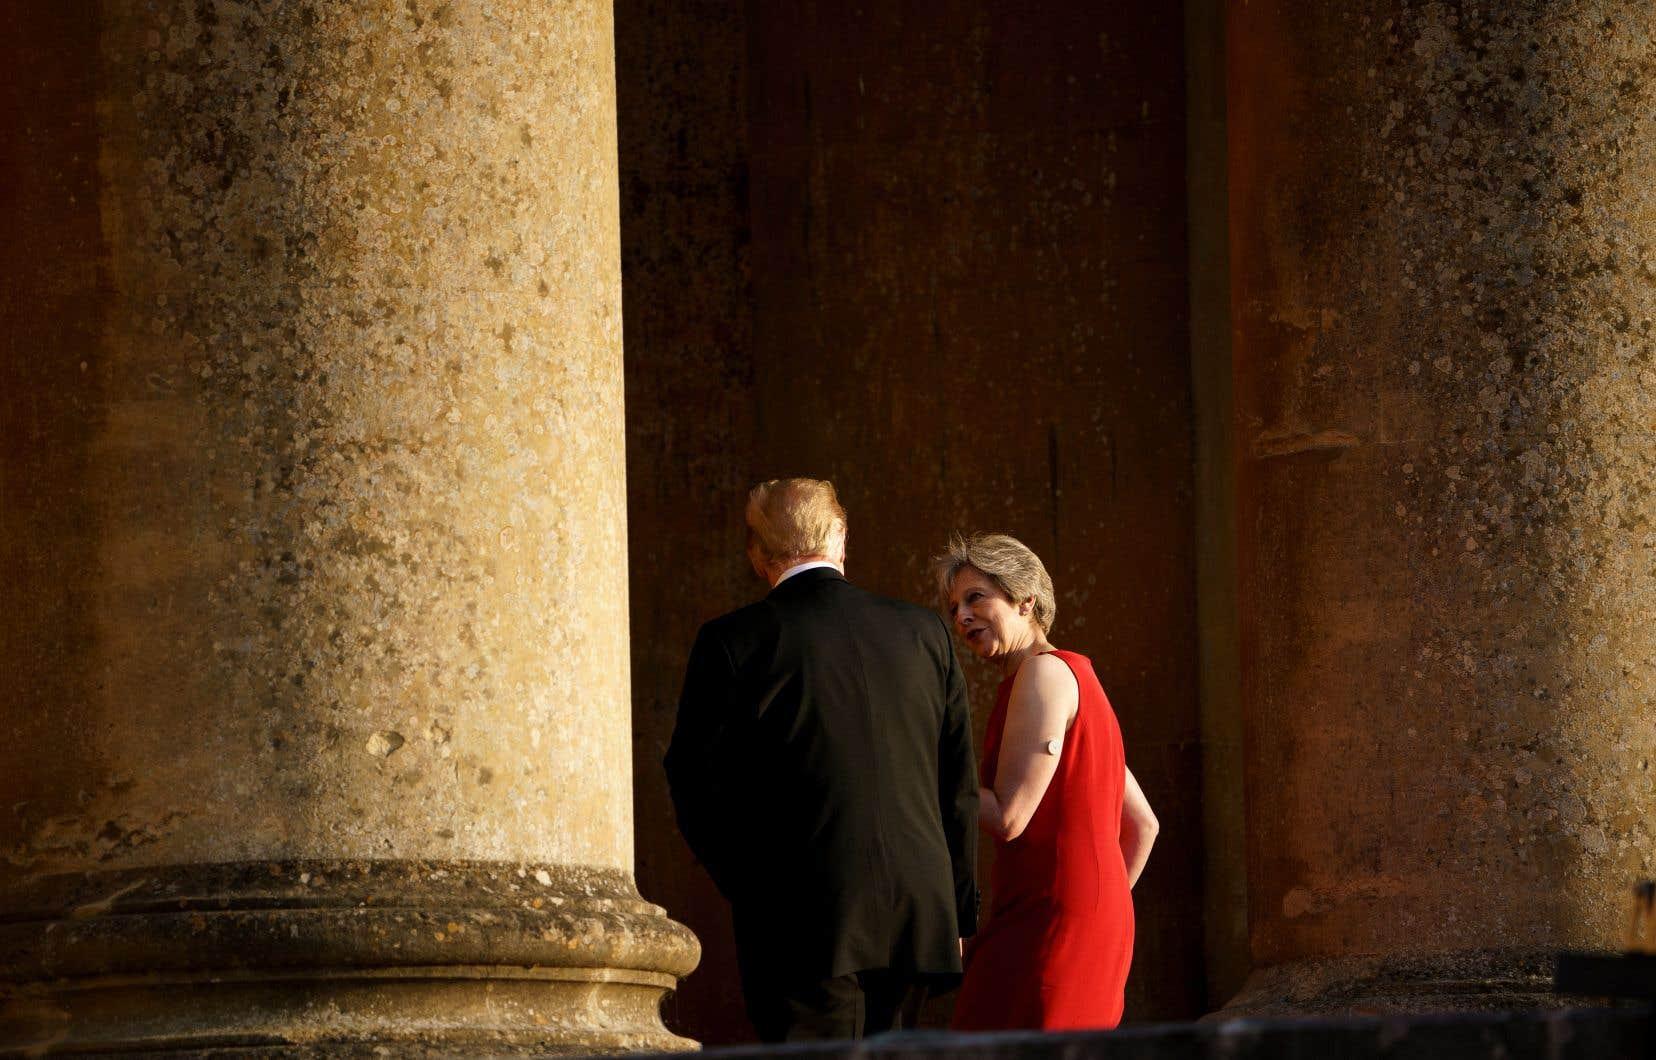 Le président américain, Donald Trump, et la première ministre britannique, Theresa May, lors d'un dîner avec des représentants du monde économique, jeudi, à Londres.